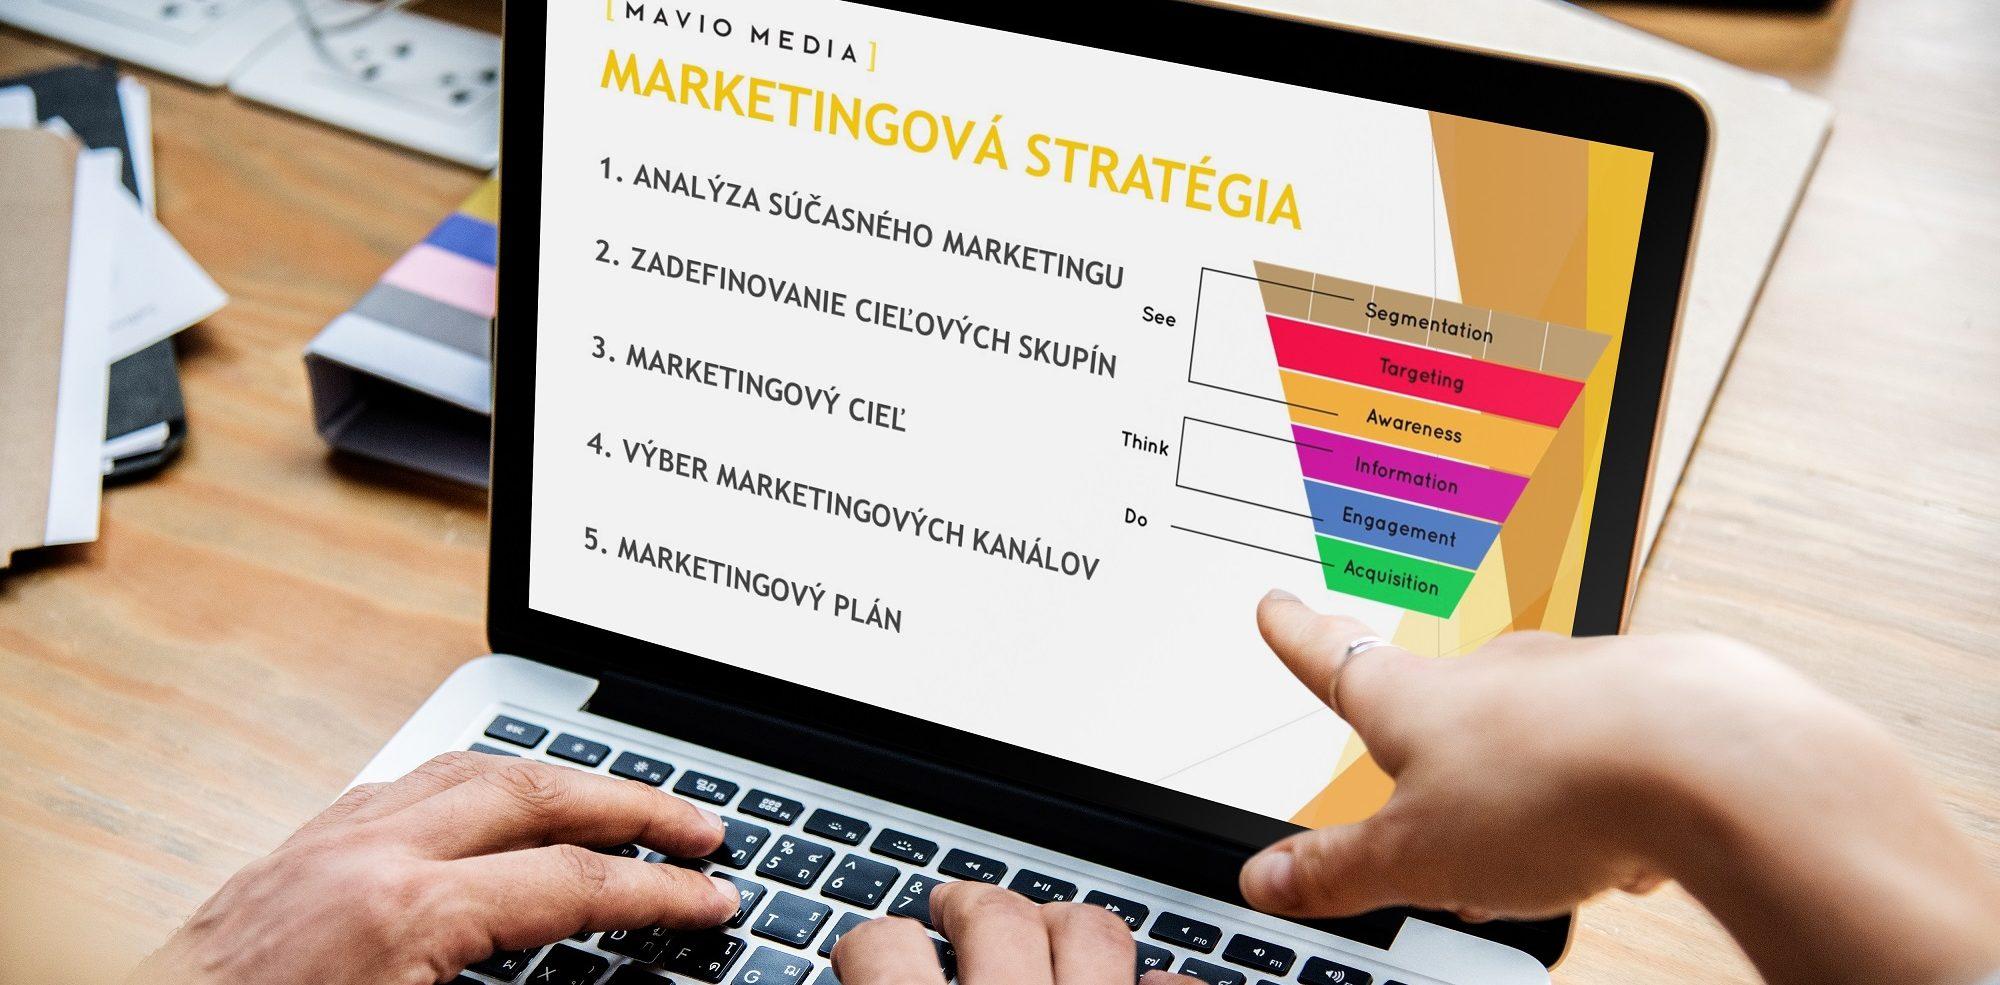 Ako sa tvorí úspešná marketingová stratégia? (case study)